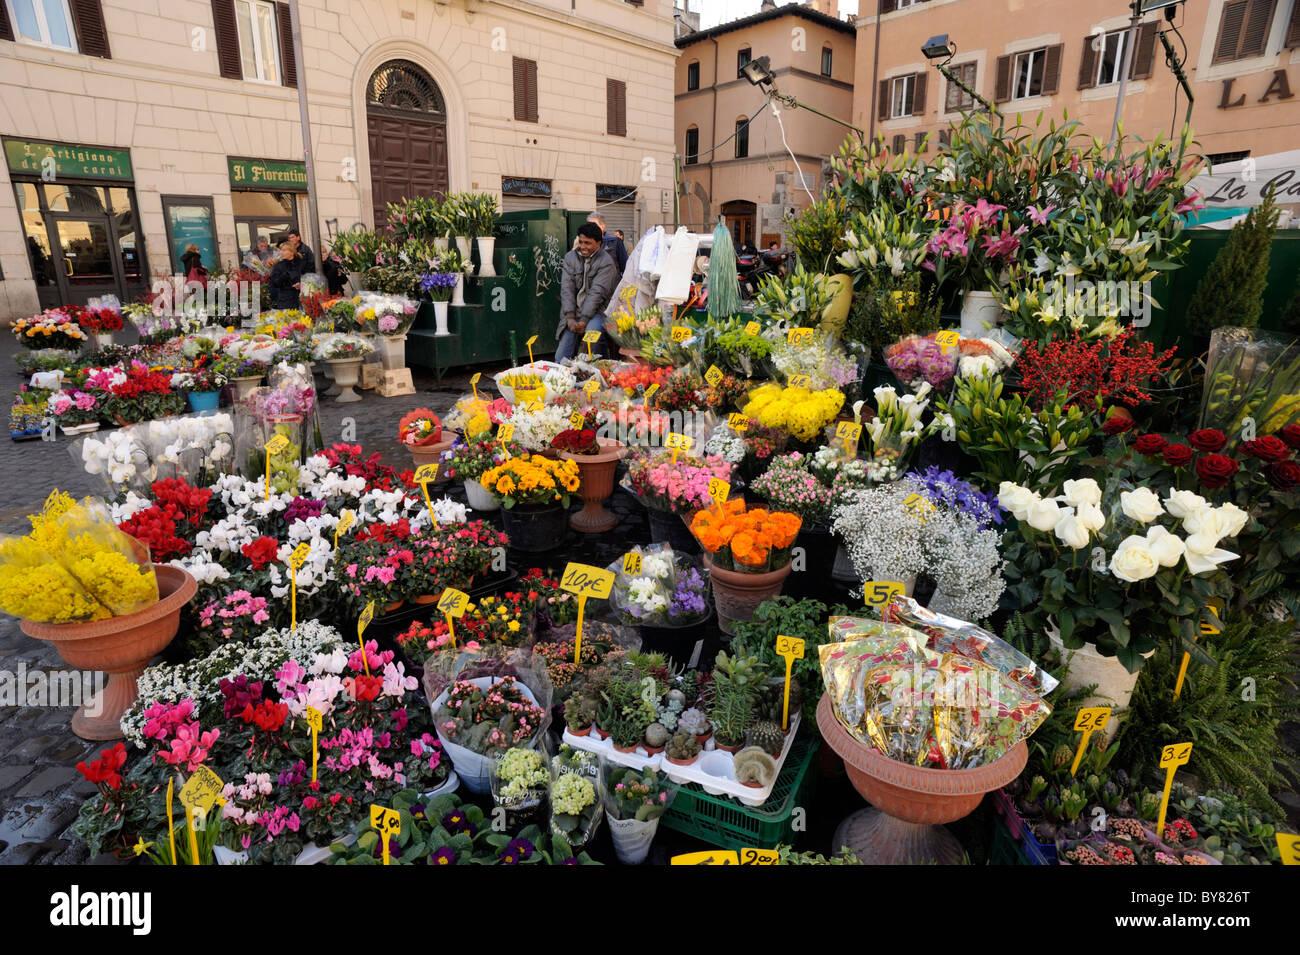 italy, rome, campo de' fiori, market stalls - Stock Image